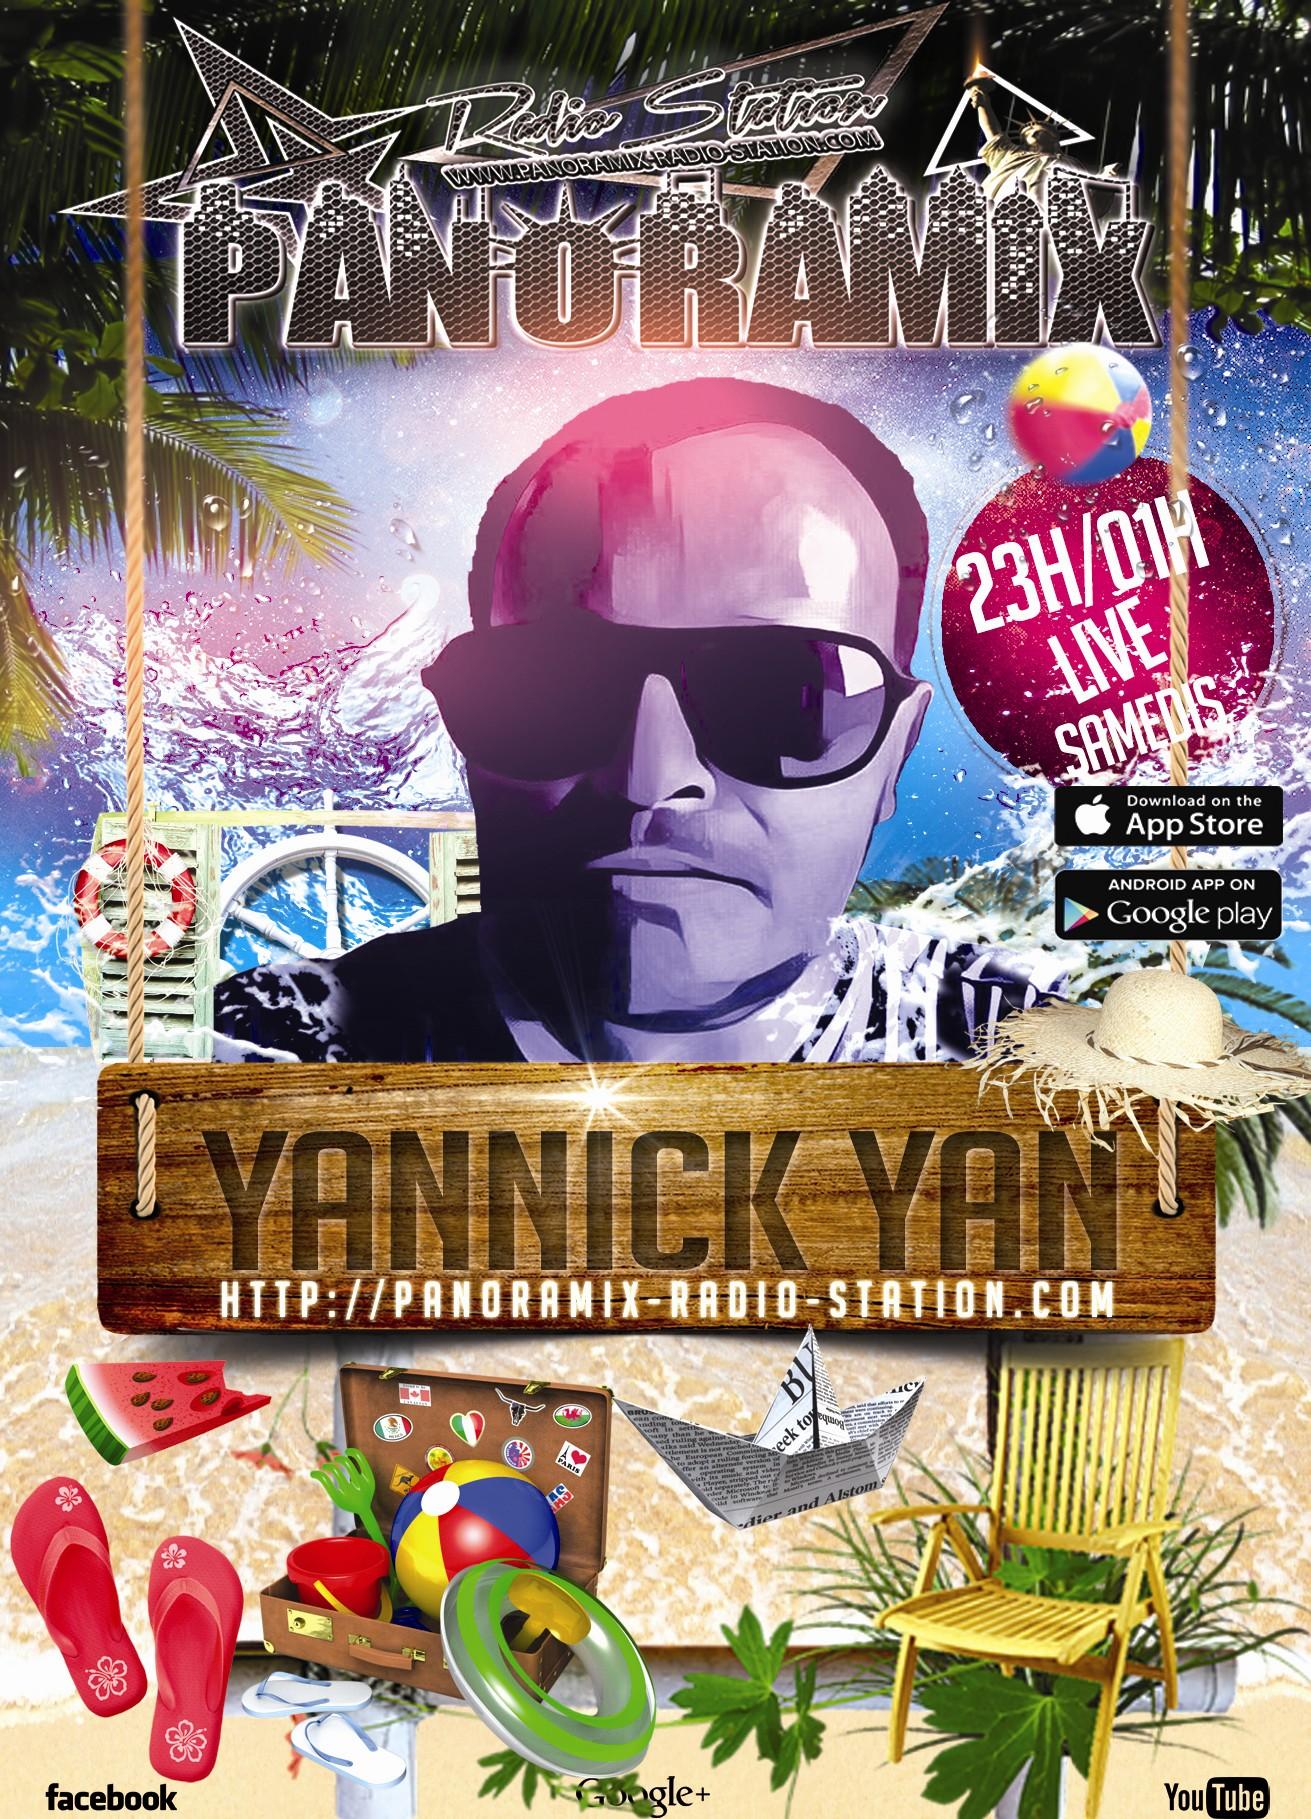 https://panoramix-radio-station.com/wp-content/uploads/2017/06/YANNICK-YAN-SUMMER-PANORAMIX-RADIO-STATION-.jpg